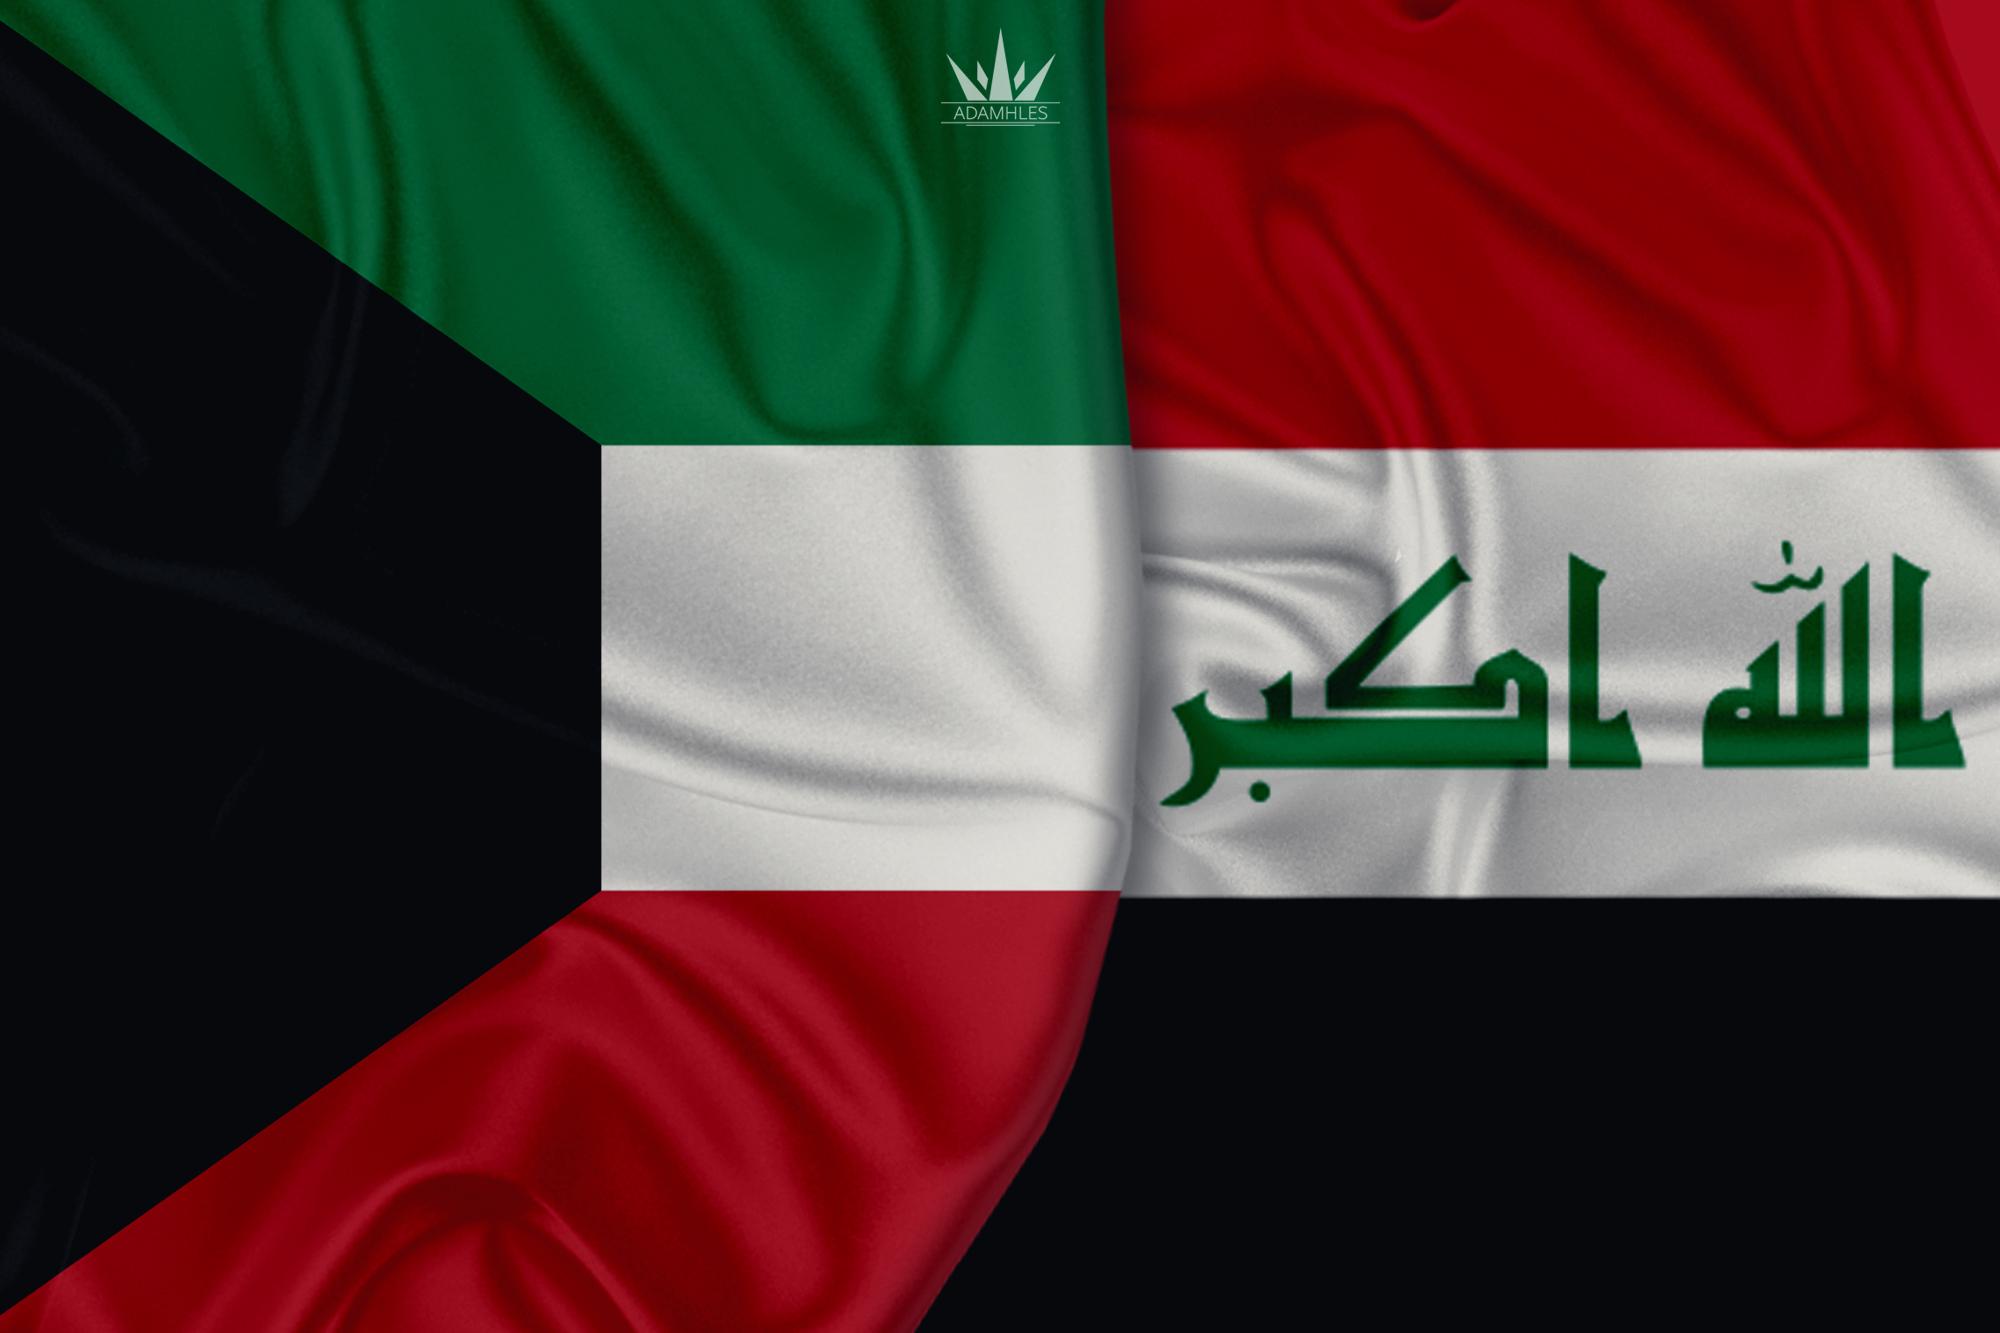 خلفية رائعة للعلم العراقي والعلم الكويتي بدقة عالية اروع خلفيات العراق والكويت Kuwait and Iraq